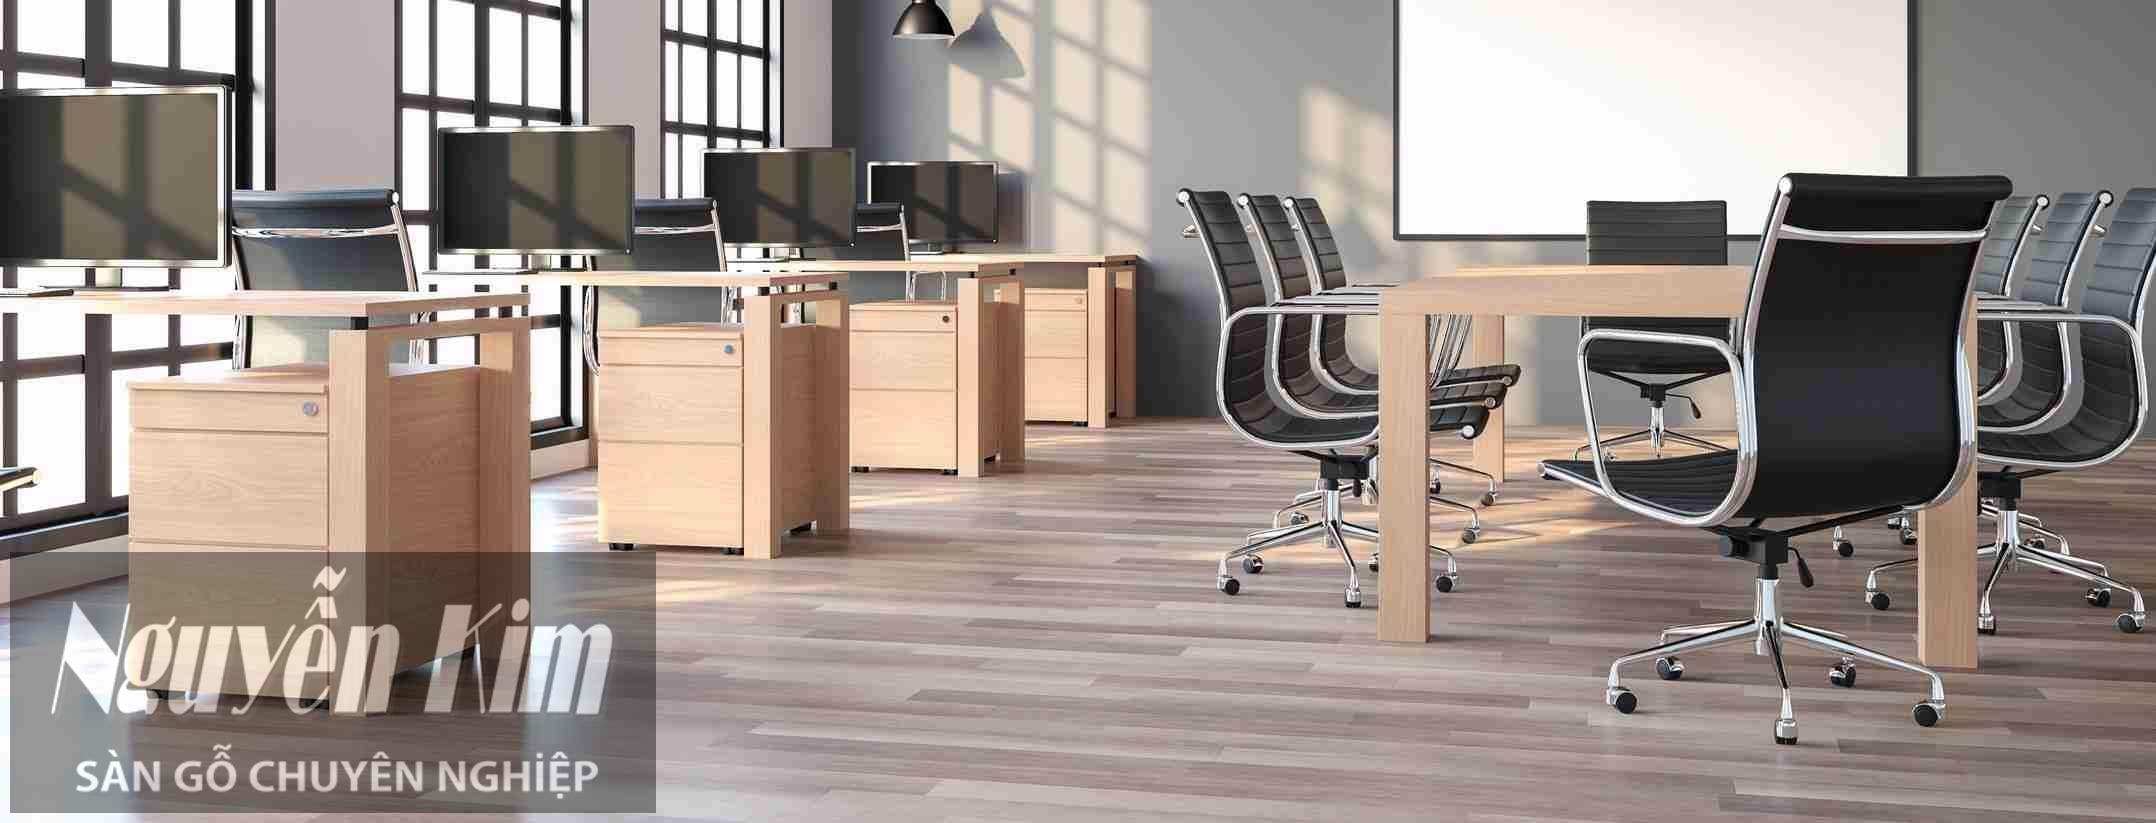 sàn gỗ công nghiệp cho văn phòng